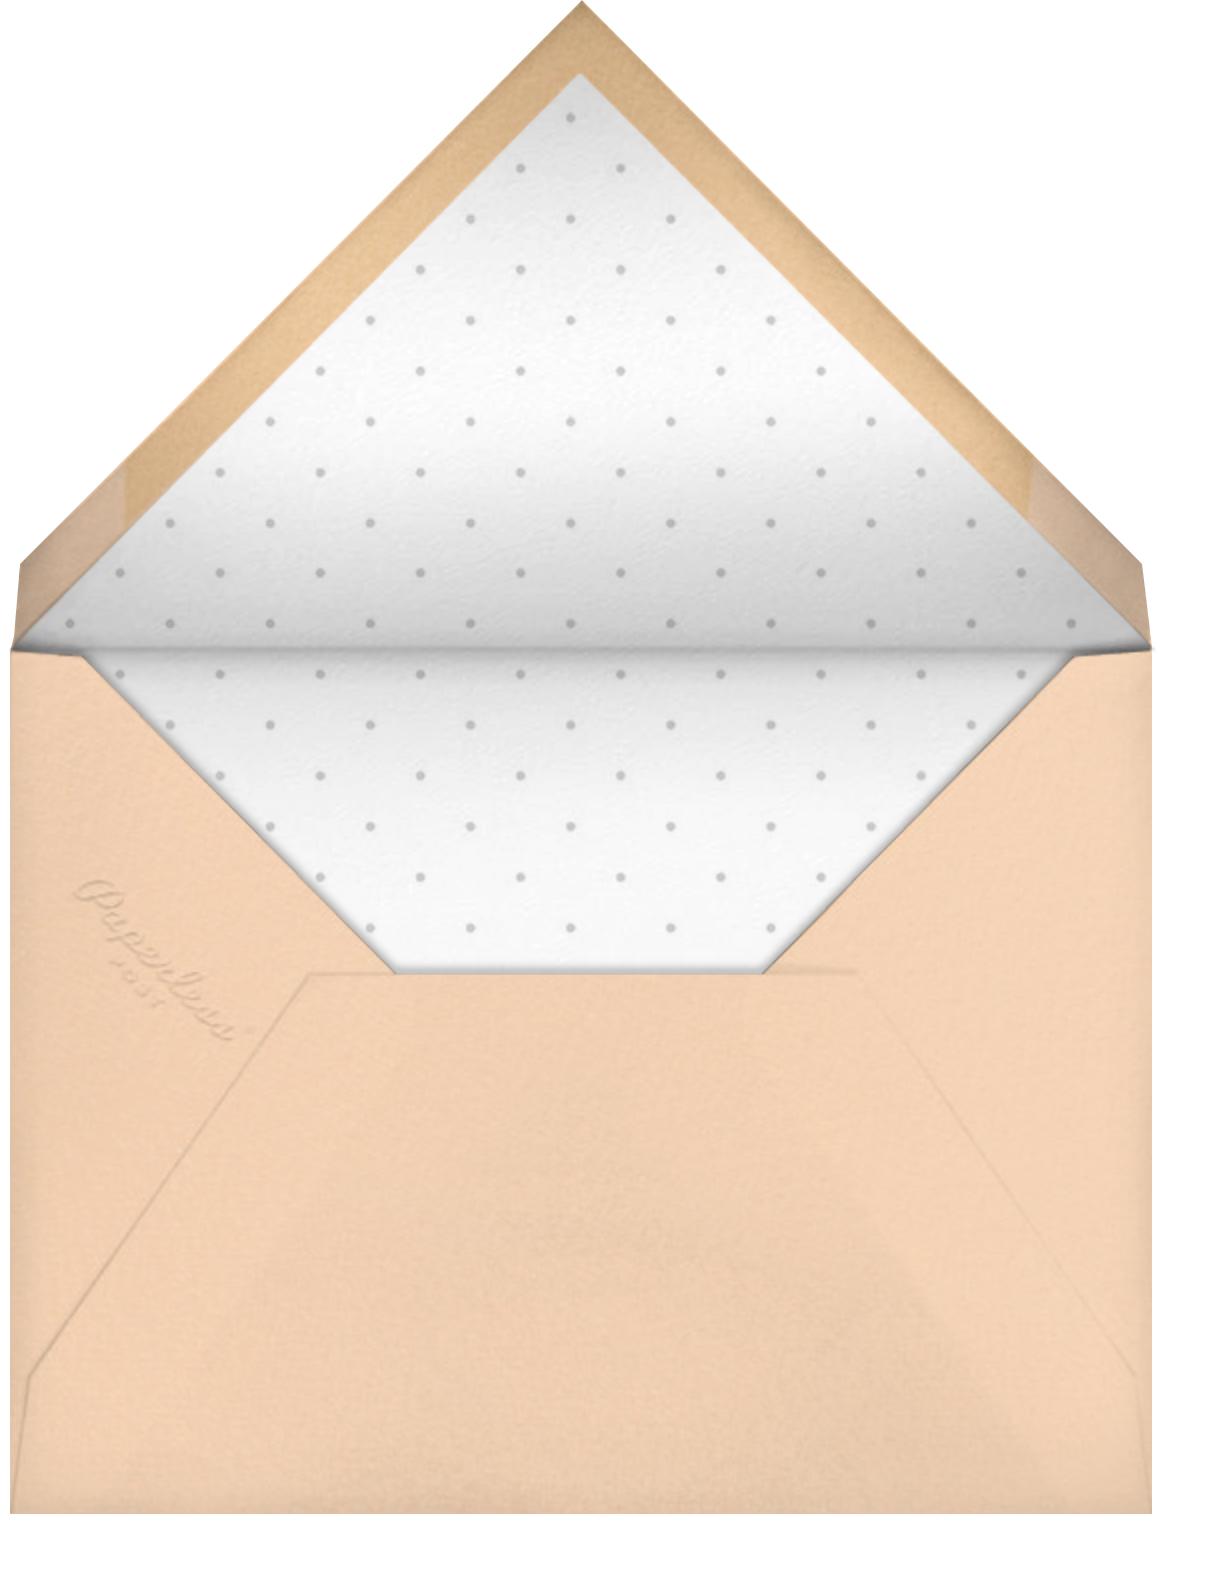 Welcoming Committee - Paperless Post - Kids' birthday - envelope back